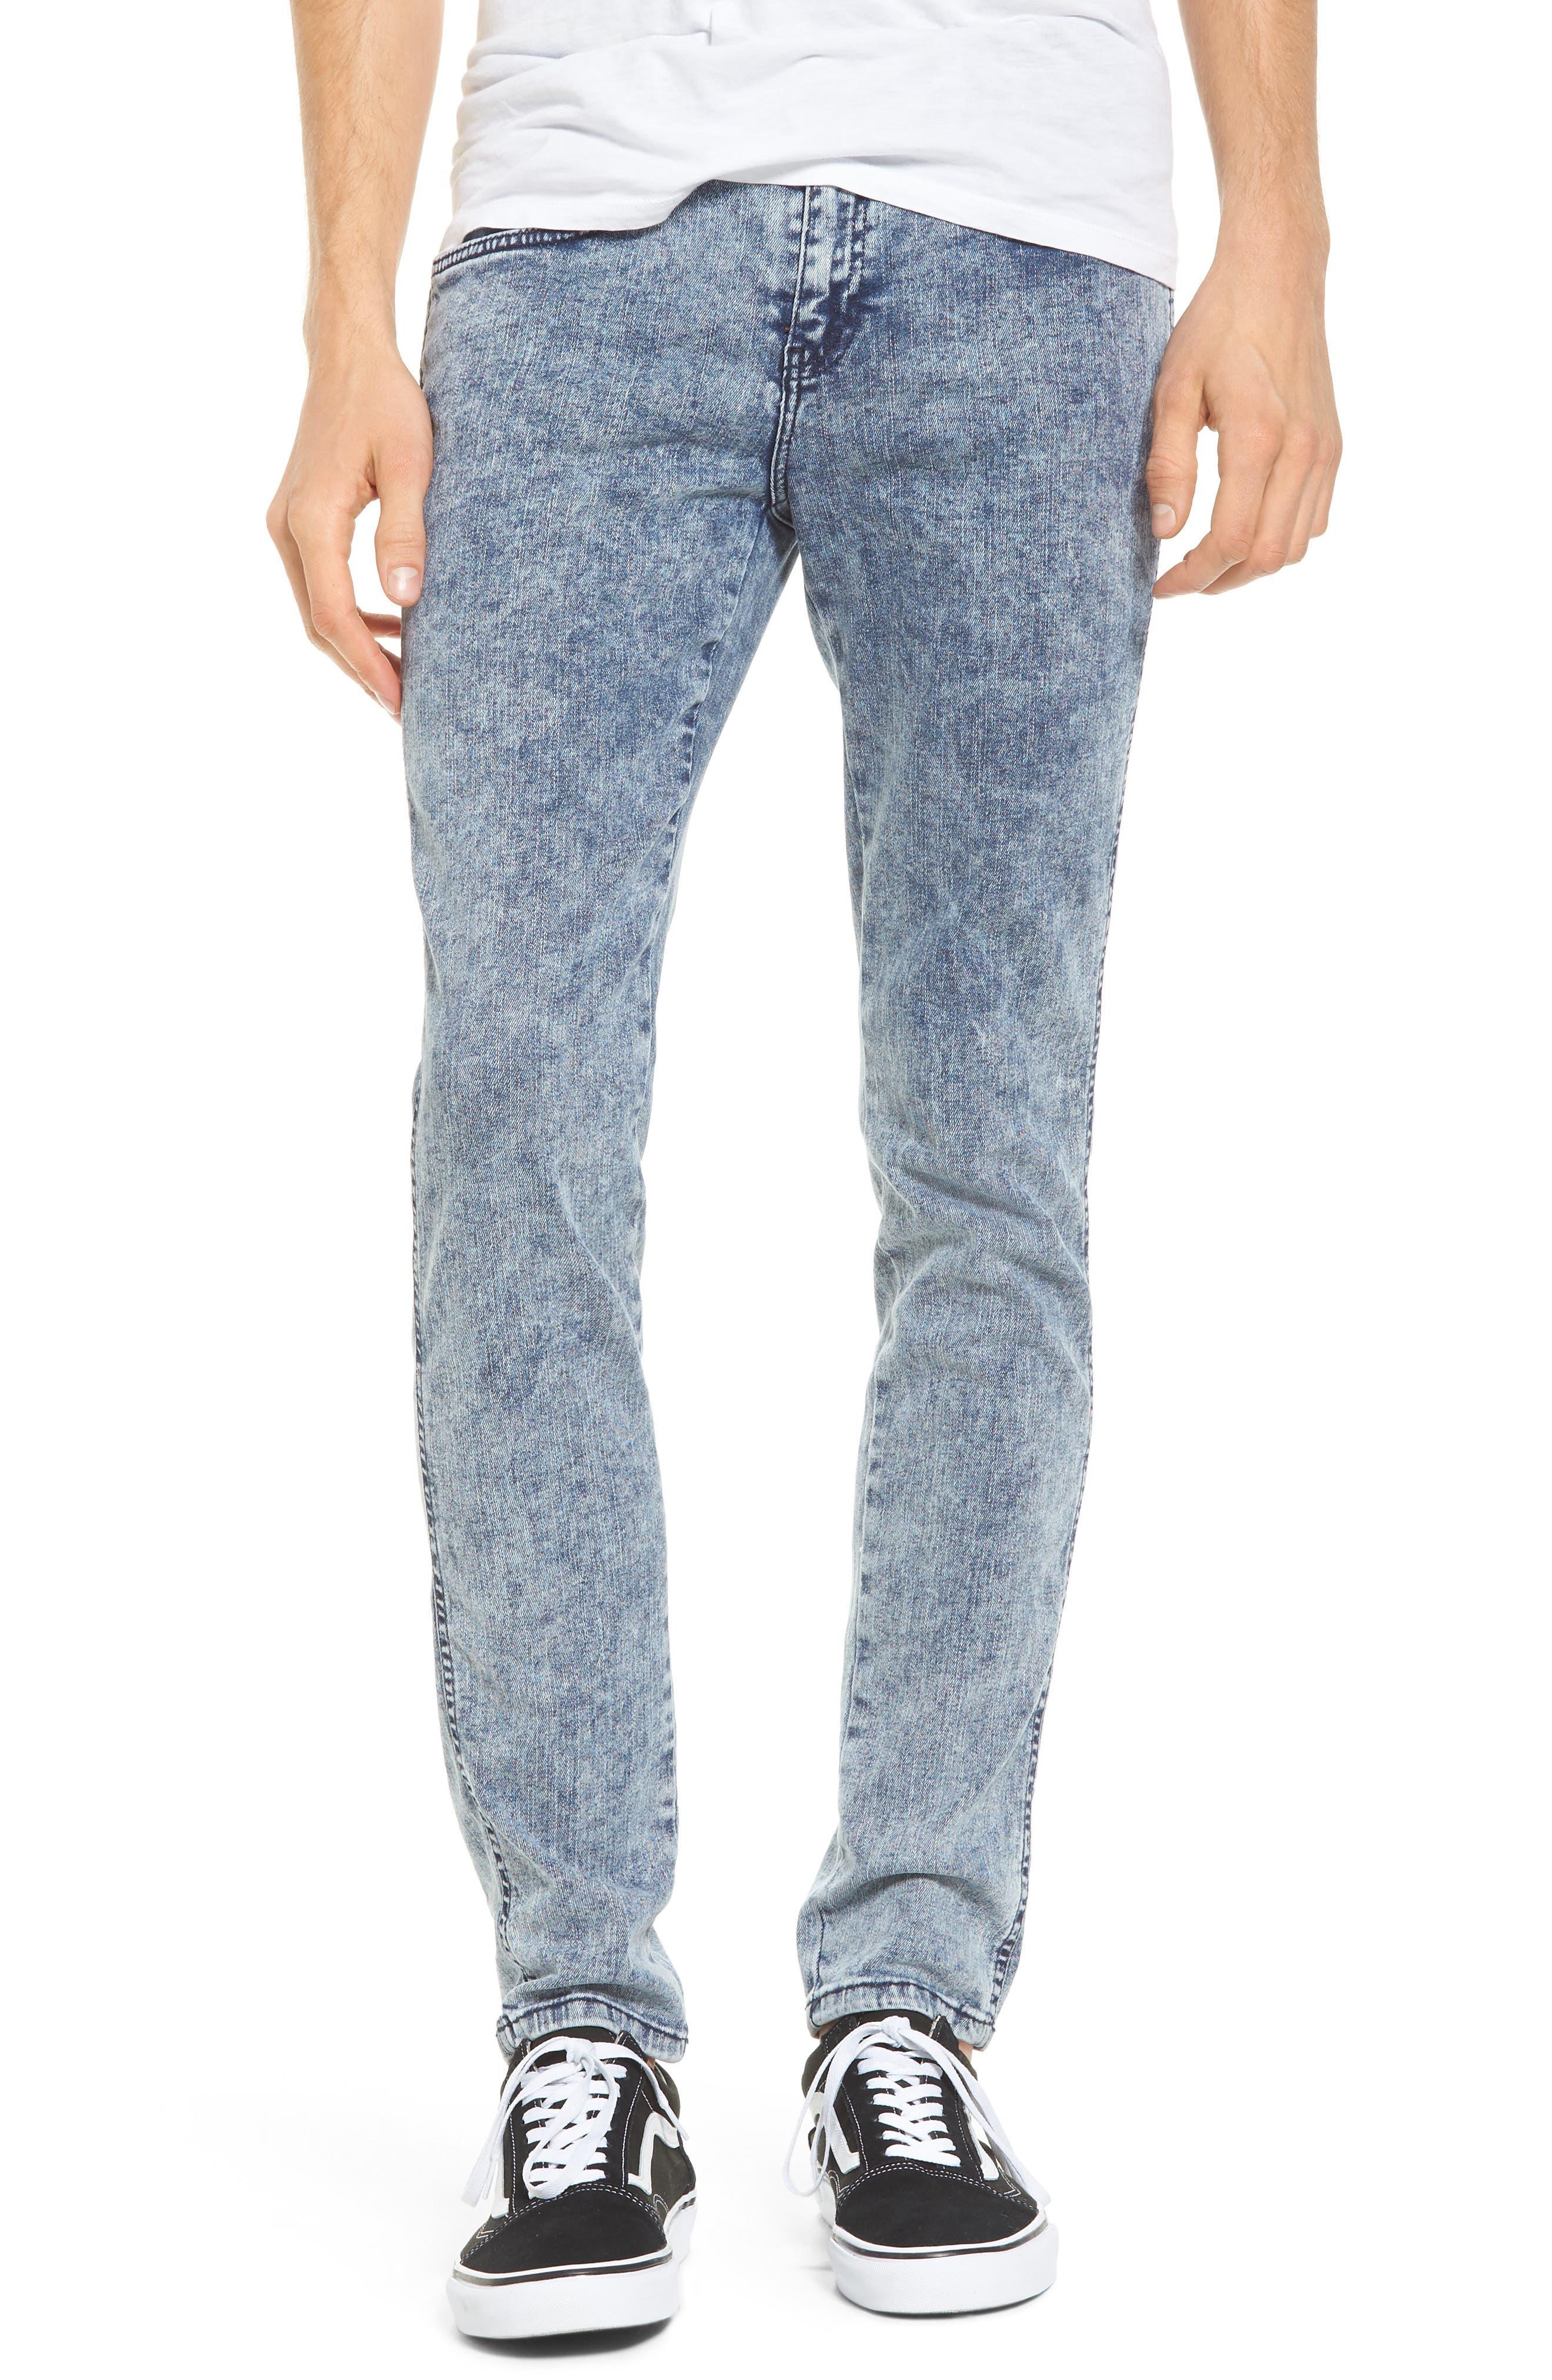 Main Image - Dr. Denim Supply Co. Snap Skinny Fit Jeans (Acid Blue)